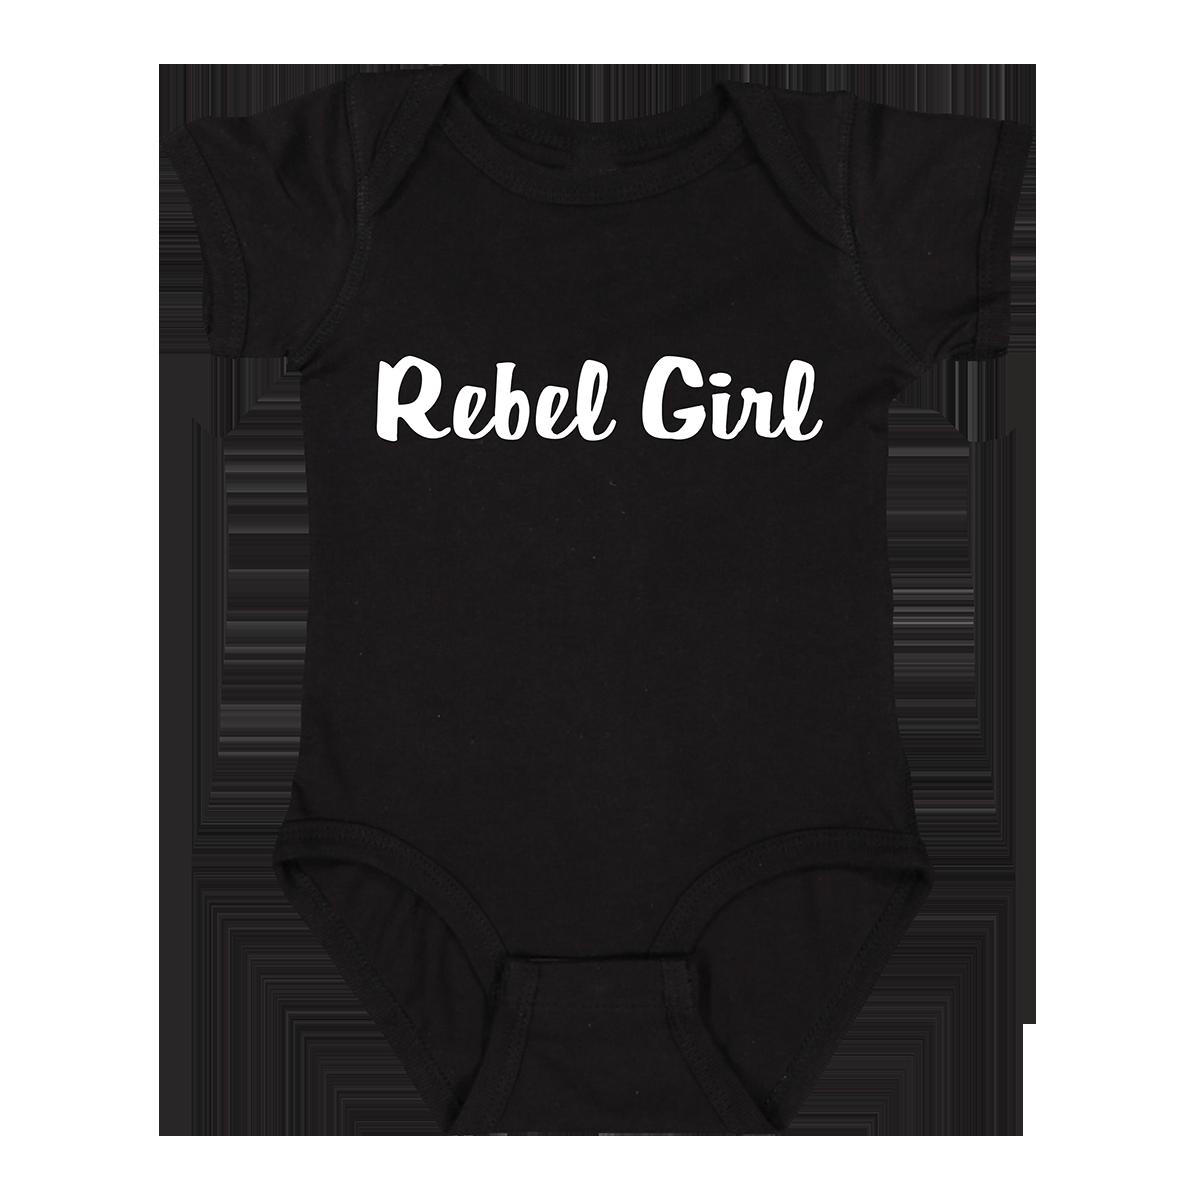 Rebel Girl Onesie - Black